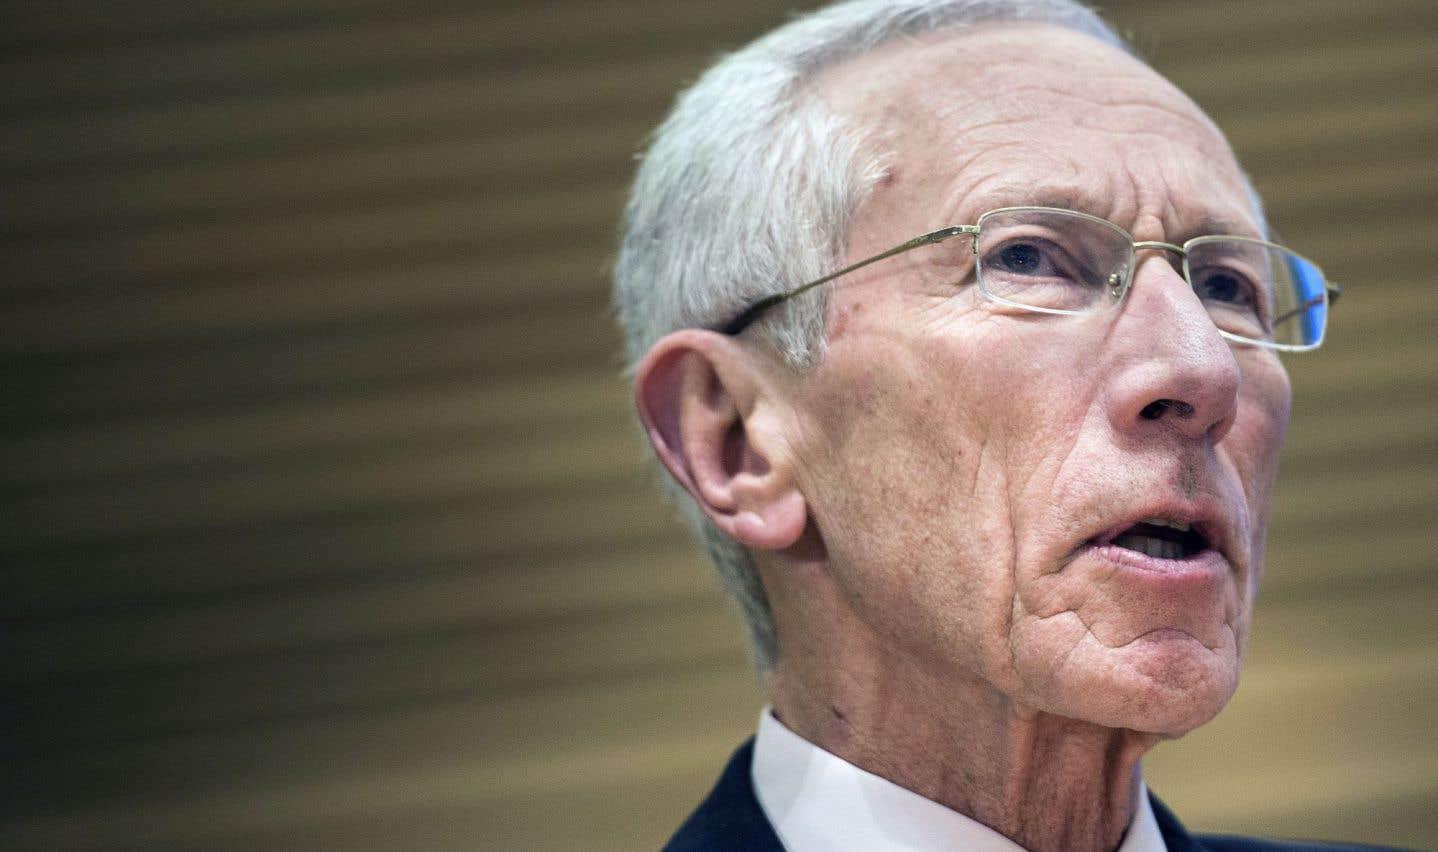 Le vice-président de la Fed dénonce la déréglementation bancaire voulue par Trump